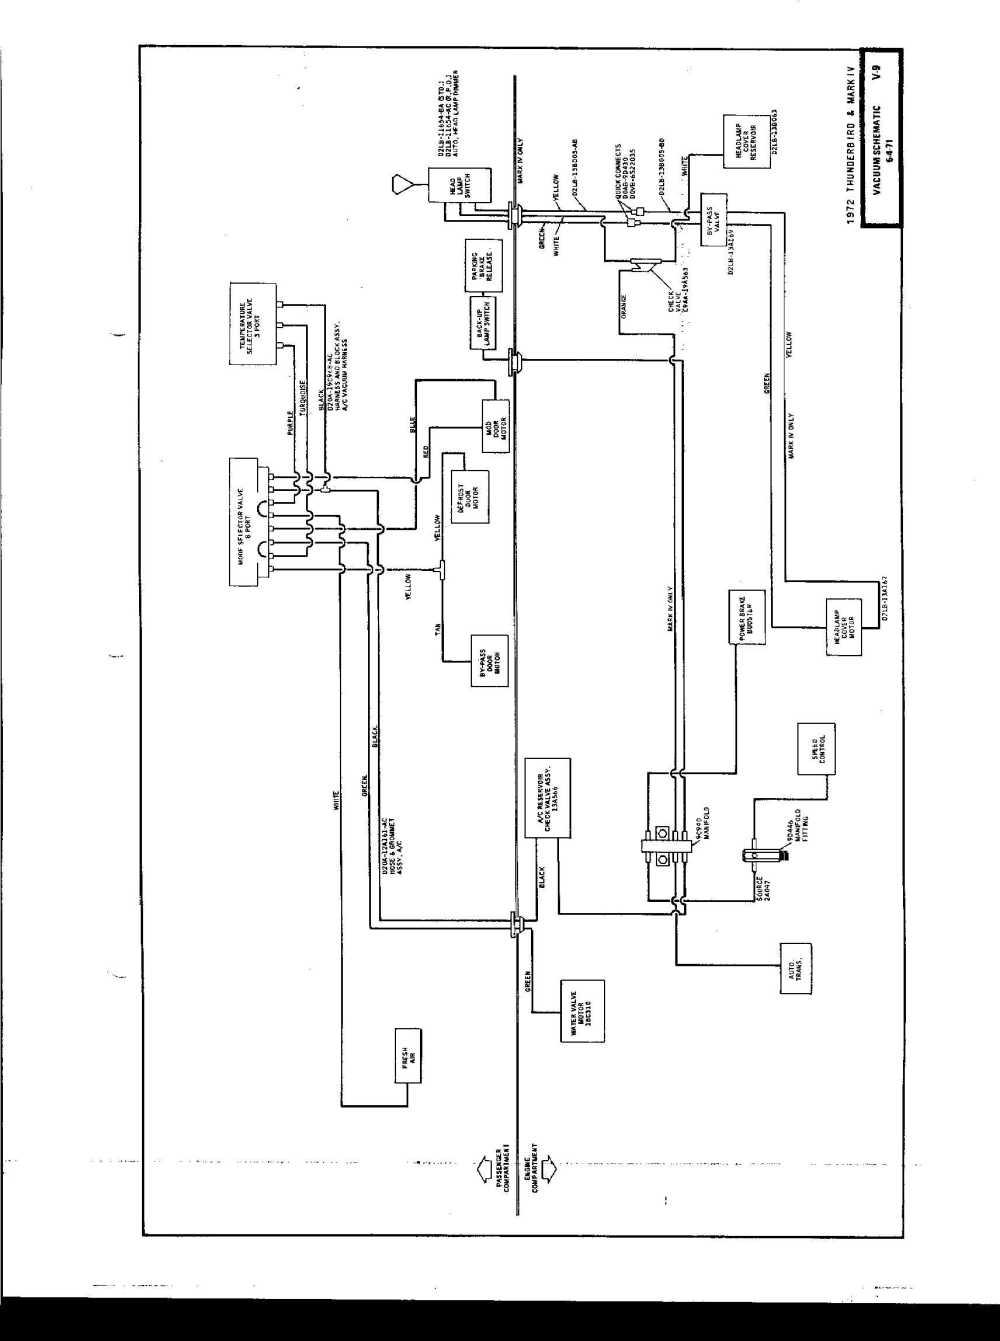 medium resolution of 78 vacuum diagram without auto temp control